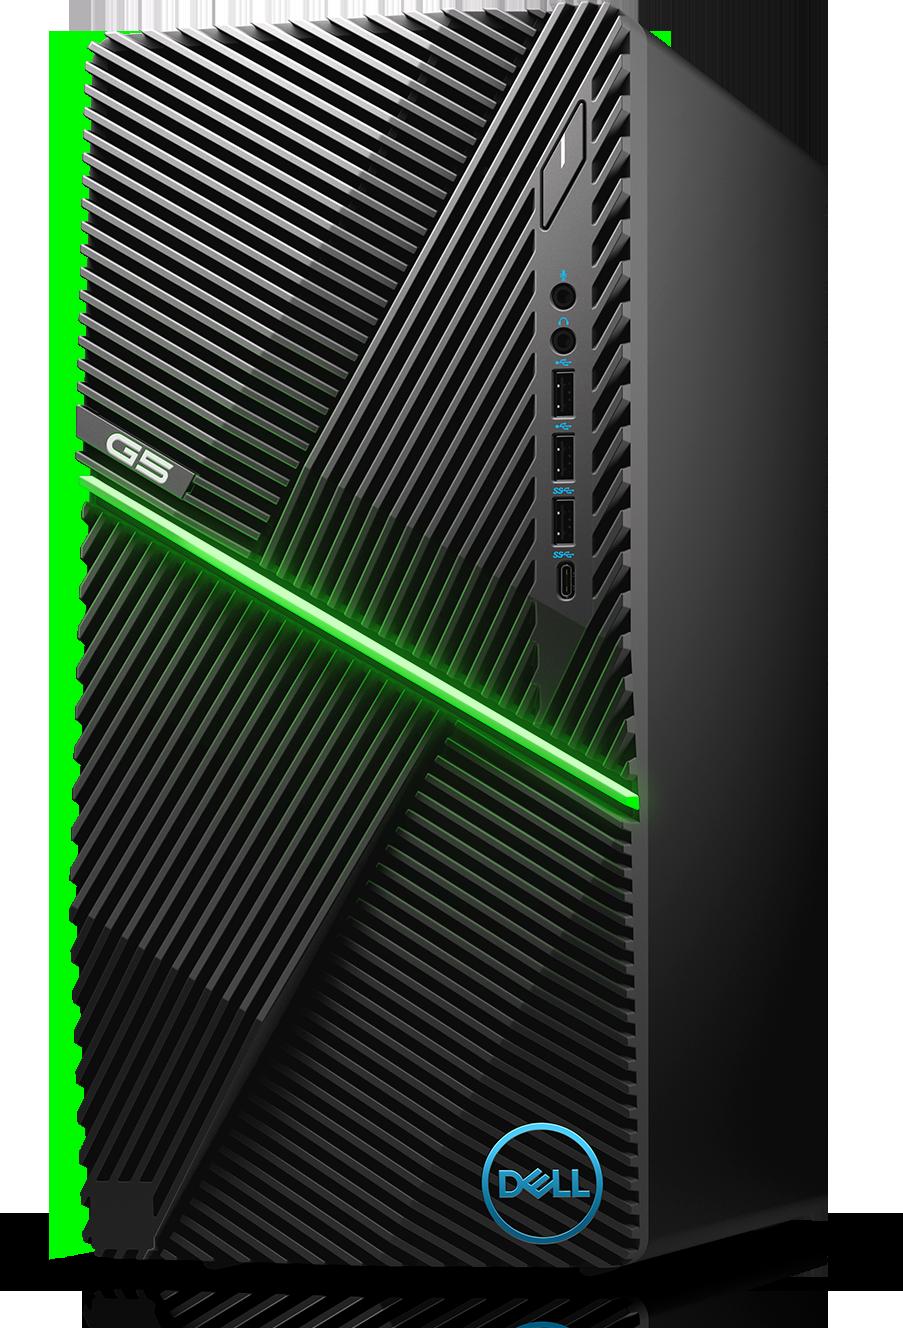 Dell G5 Desktop - Green